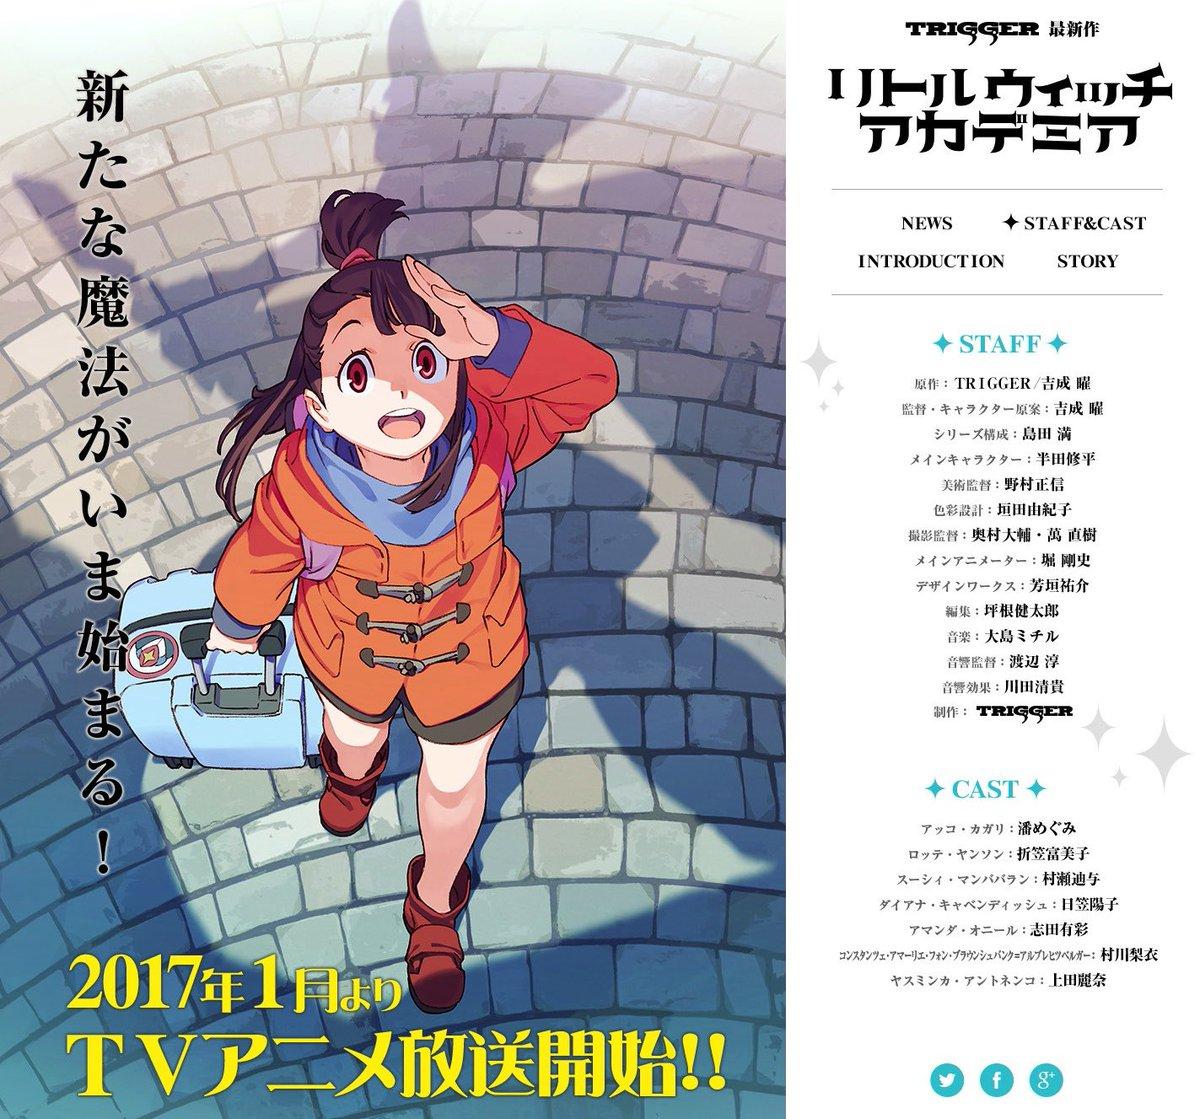 TVアニメ『リトルウィッチアカデミア』2017年1月からの放送が決定!!そして最新ビジュアルを解禁&ティザーサイ